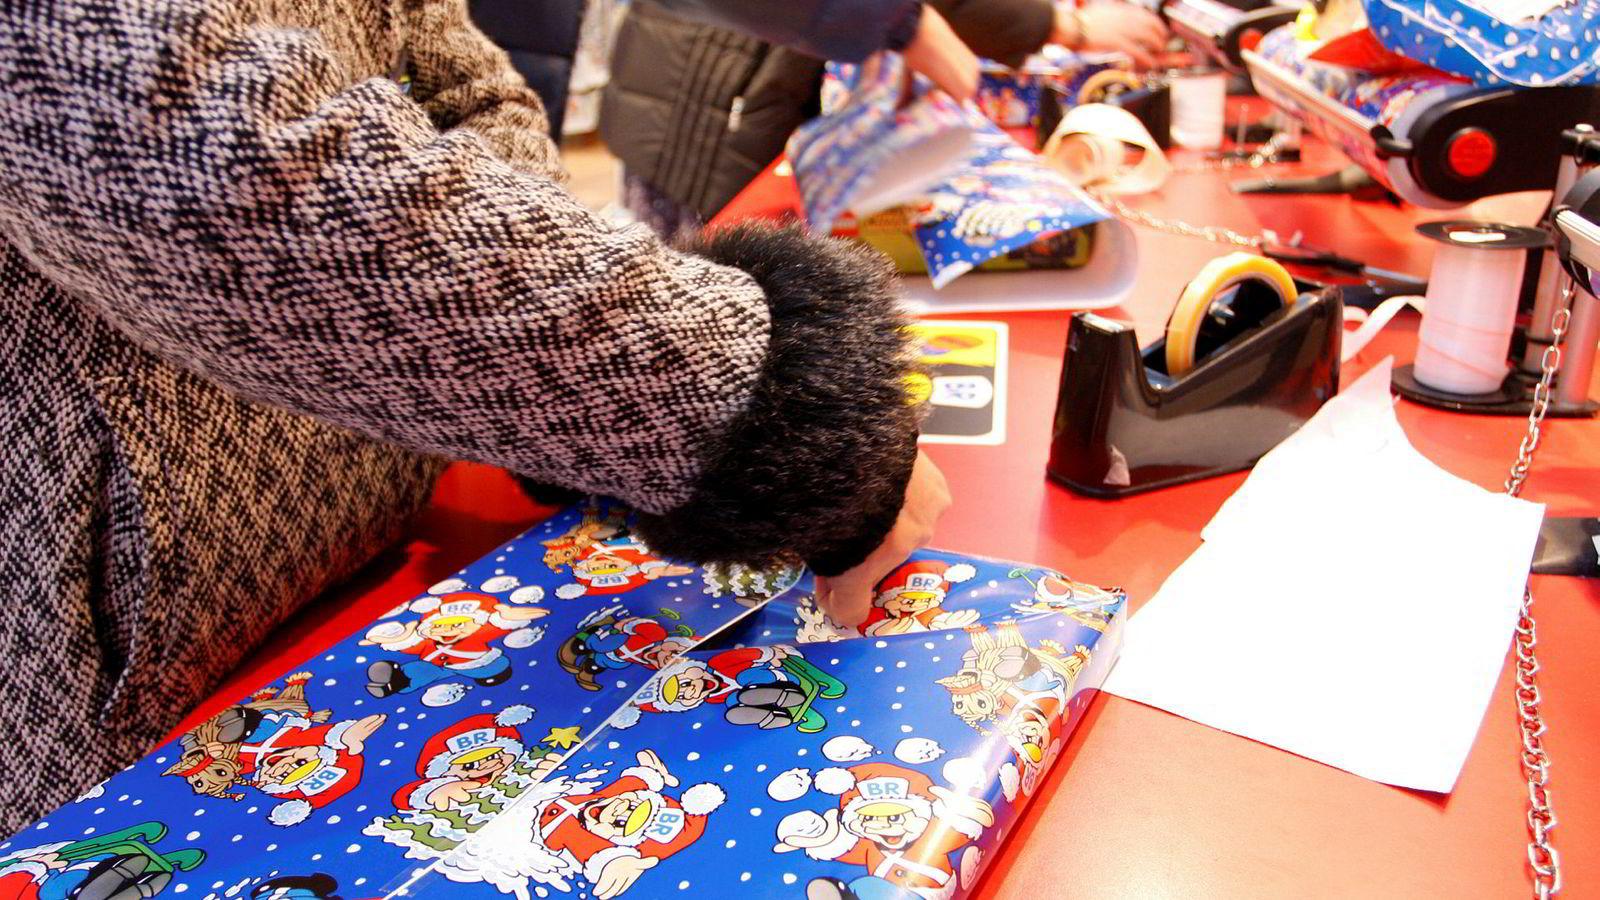 Nordmenn på jakt etter de siste julegavene sørget for at omsetningen i varehandelen økte med nær 29 prosent i uke 51, sammenlignet med foregående uke.